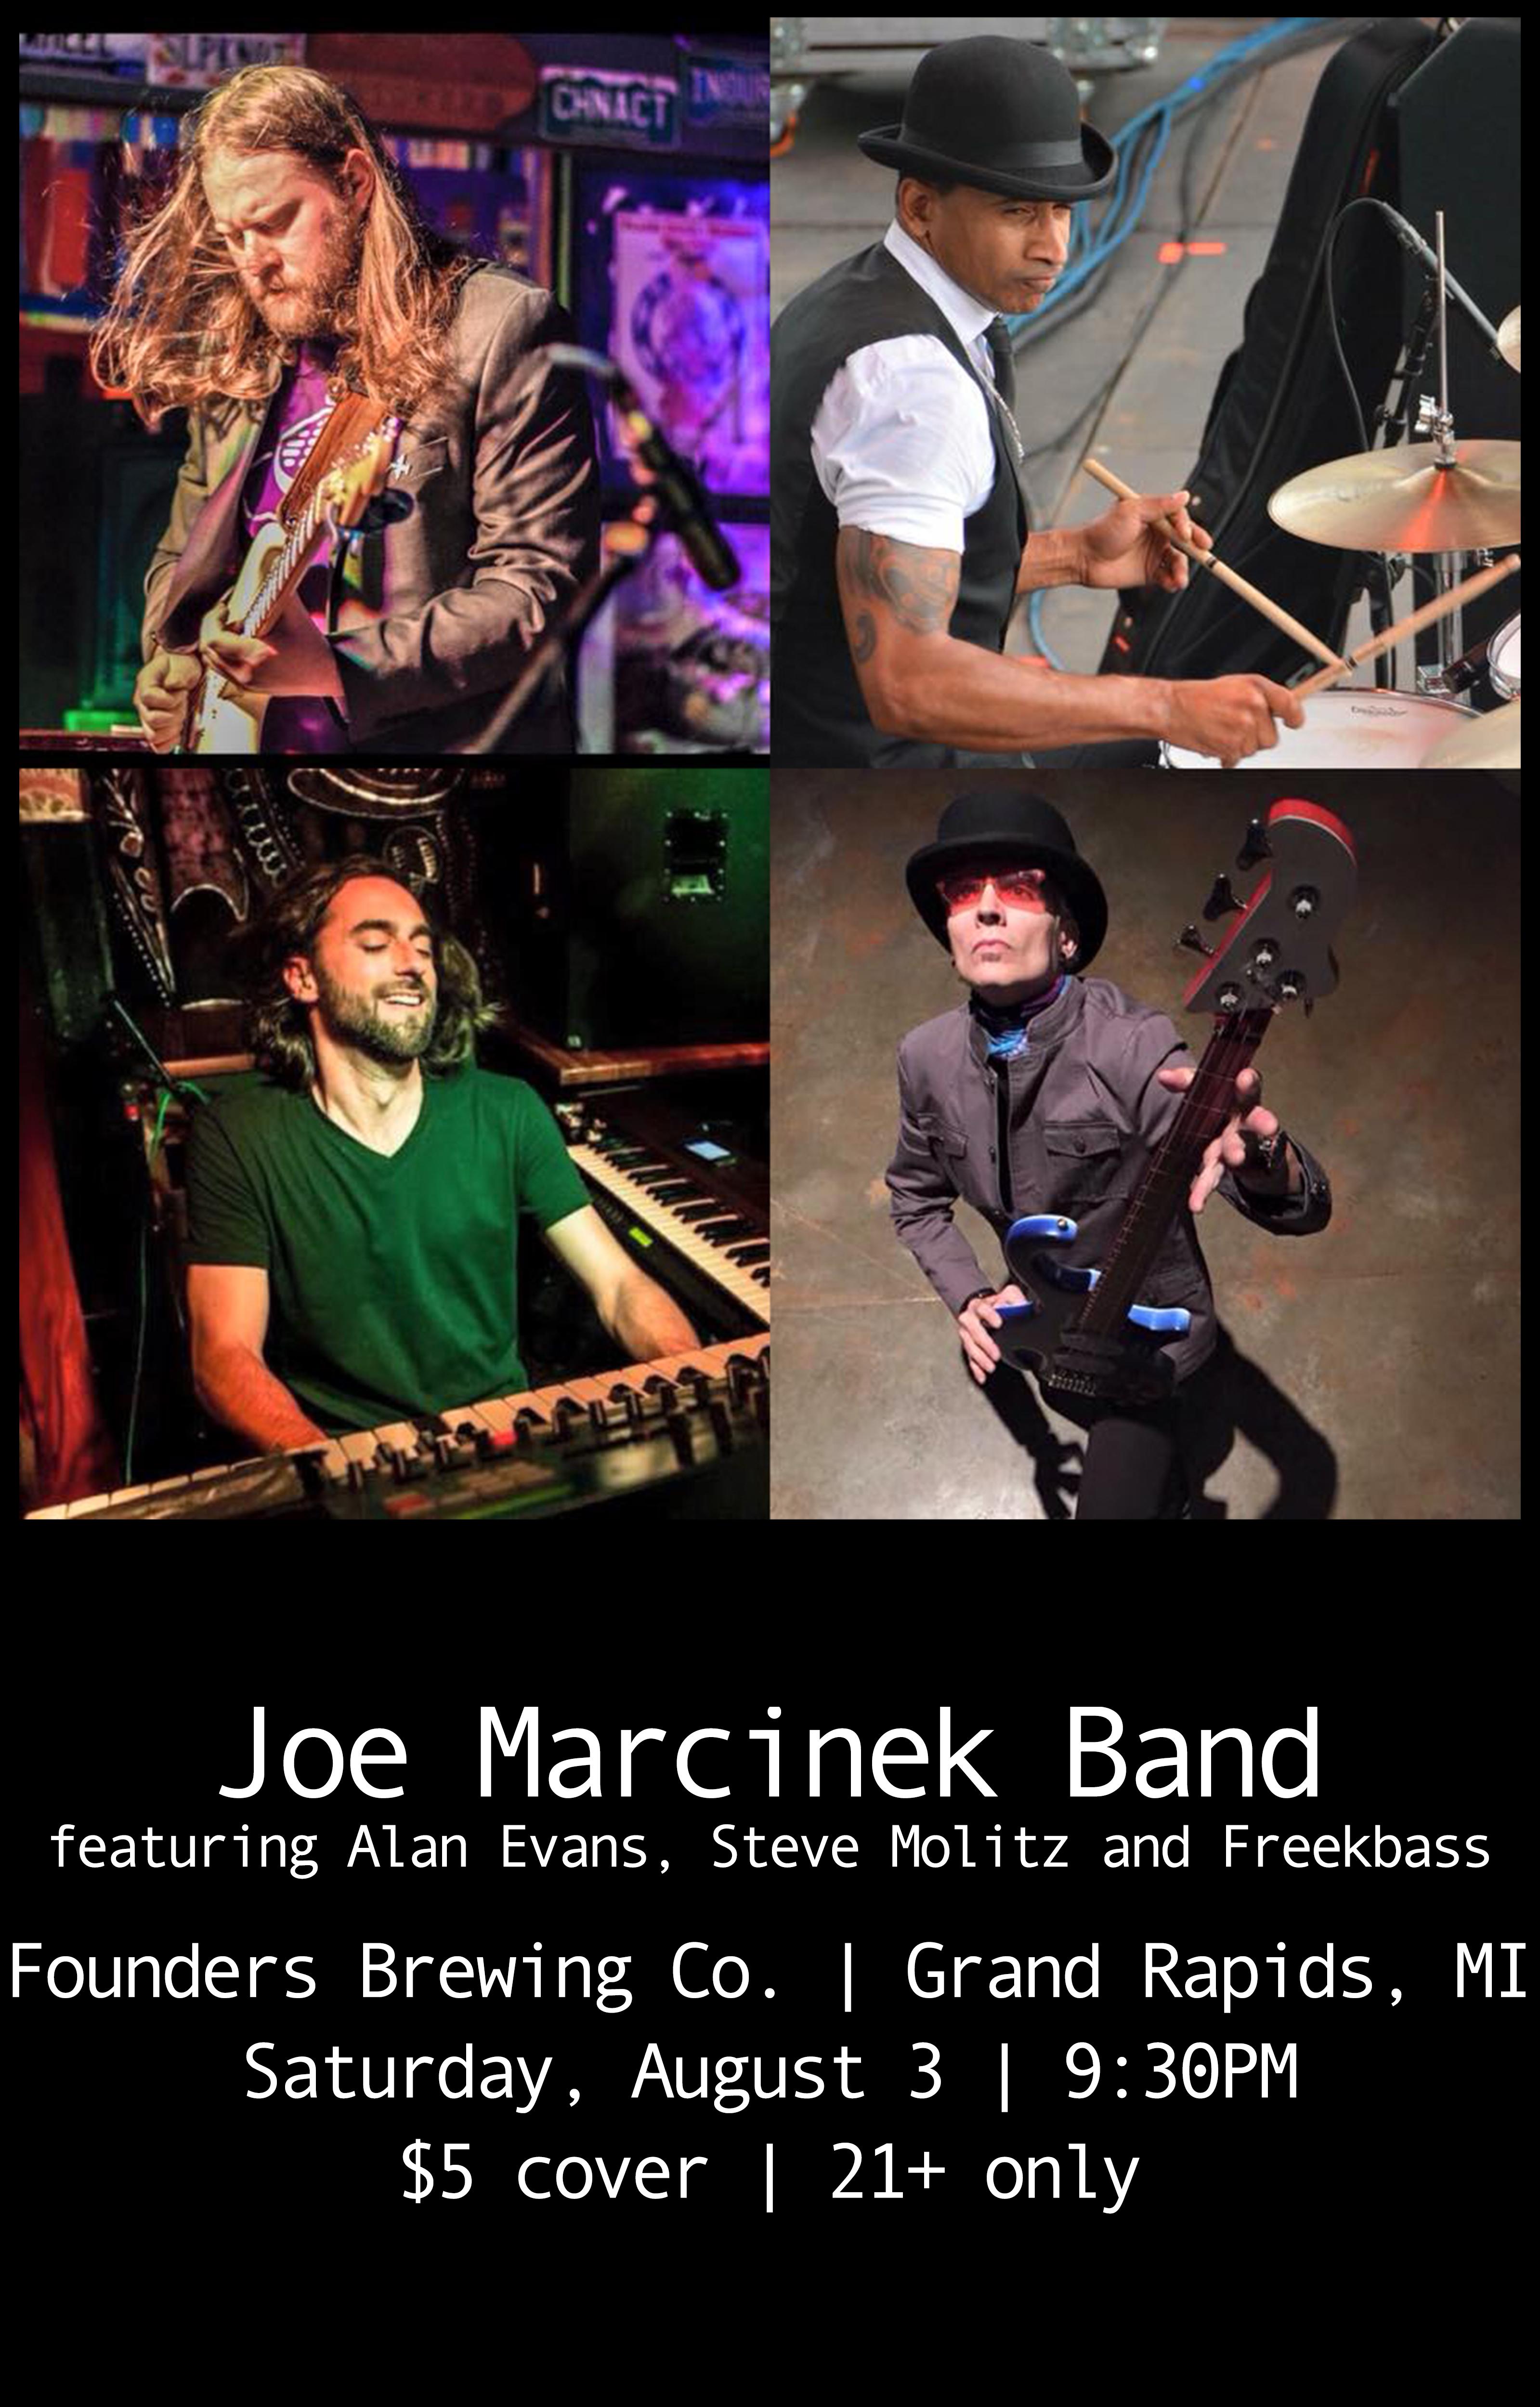 Joe Marcinek event poster